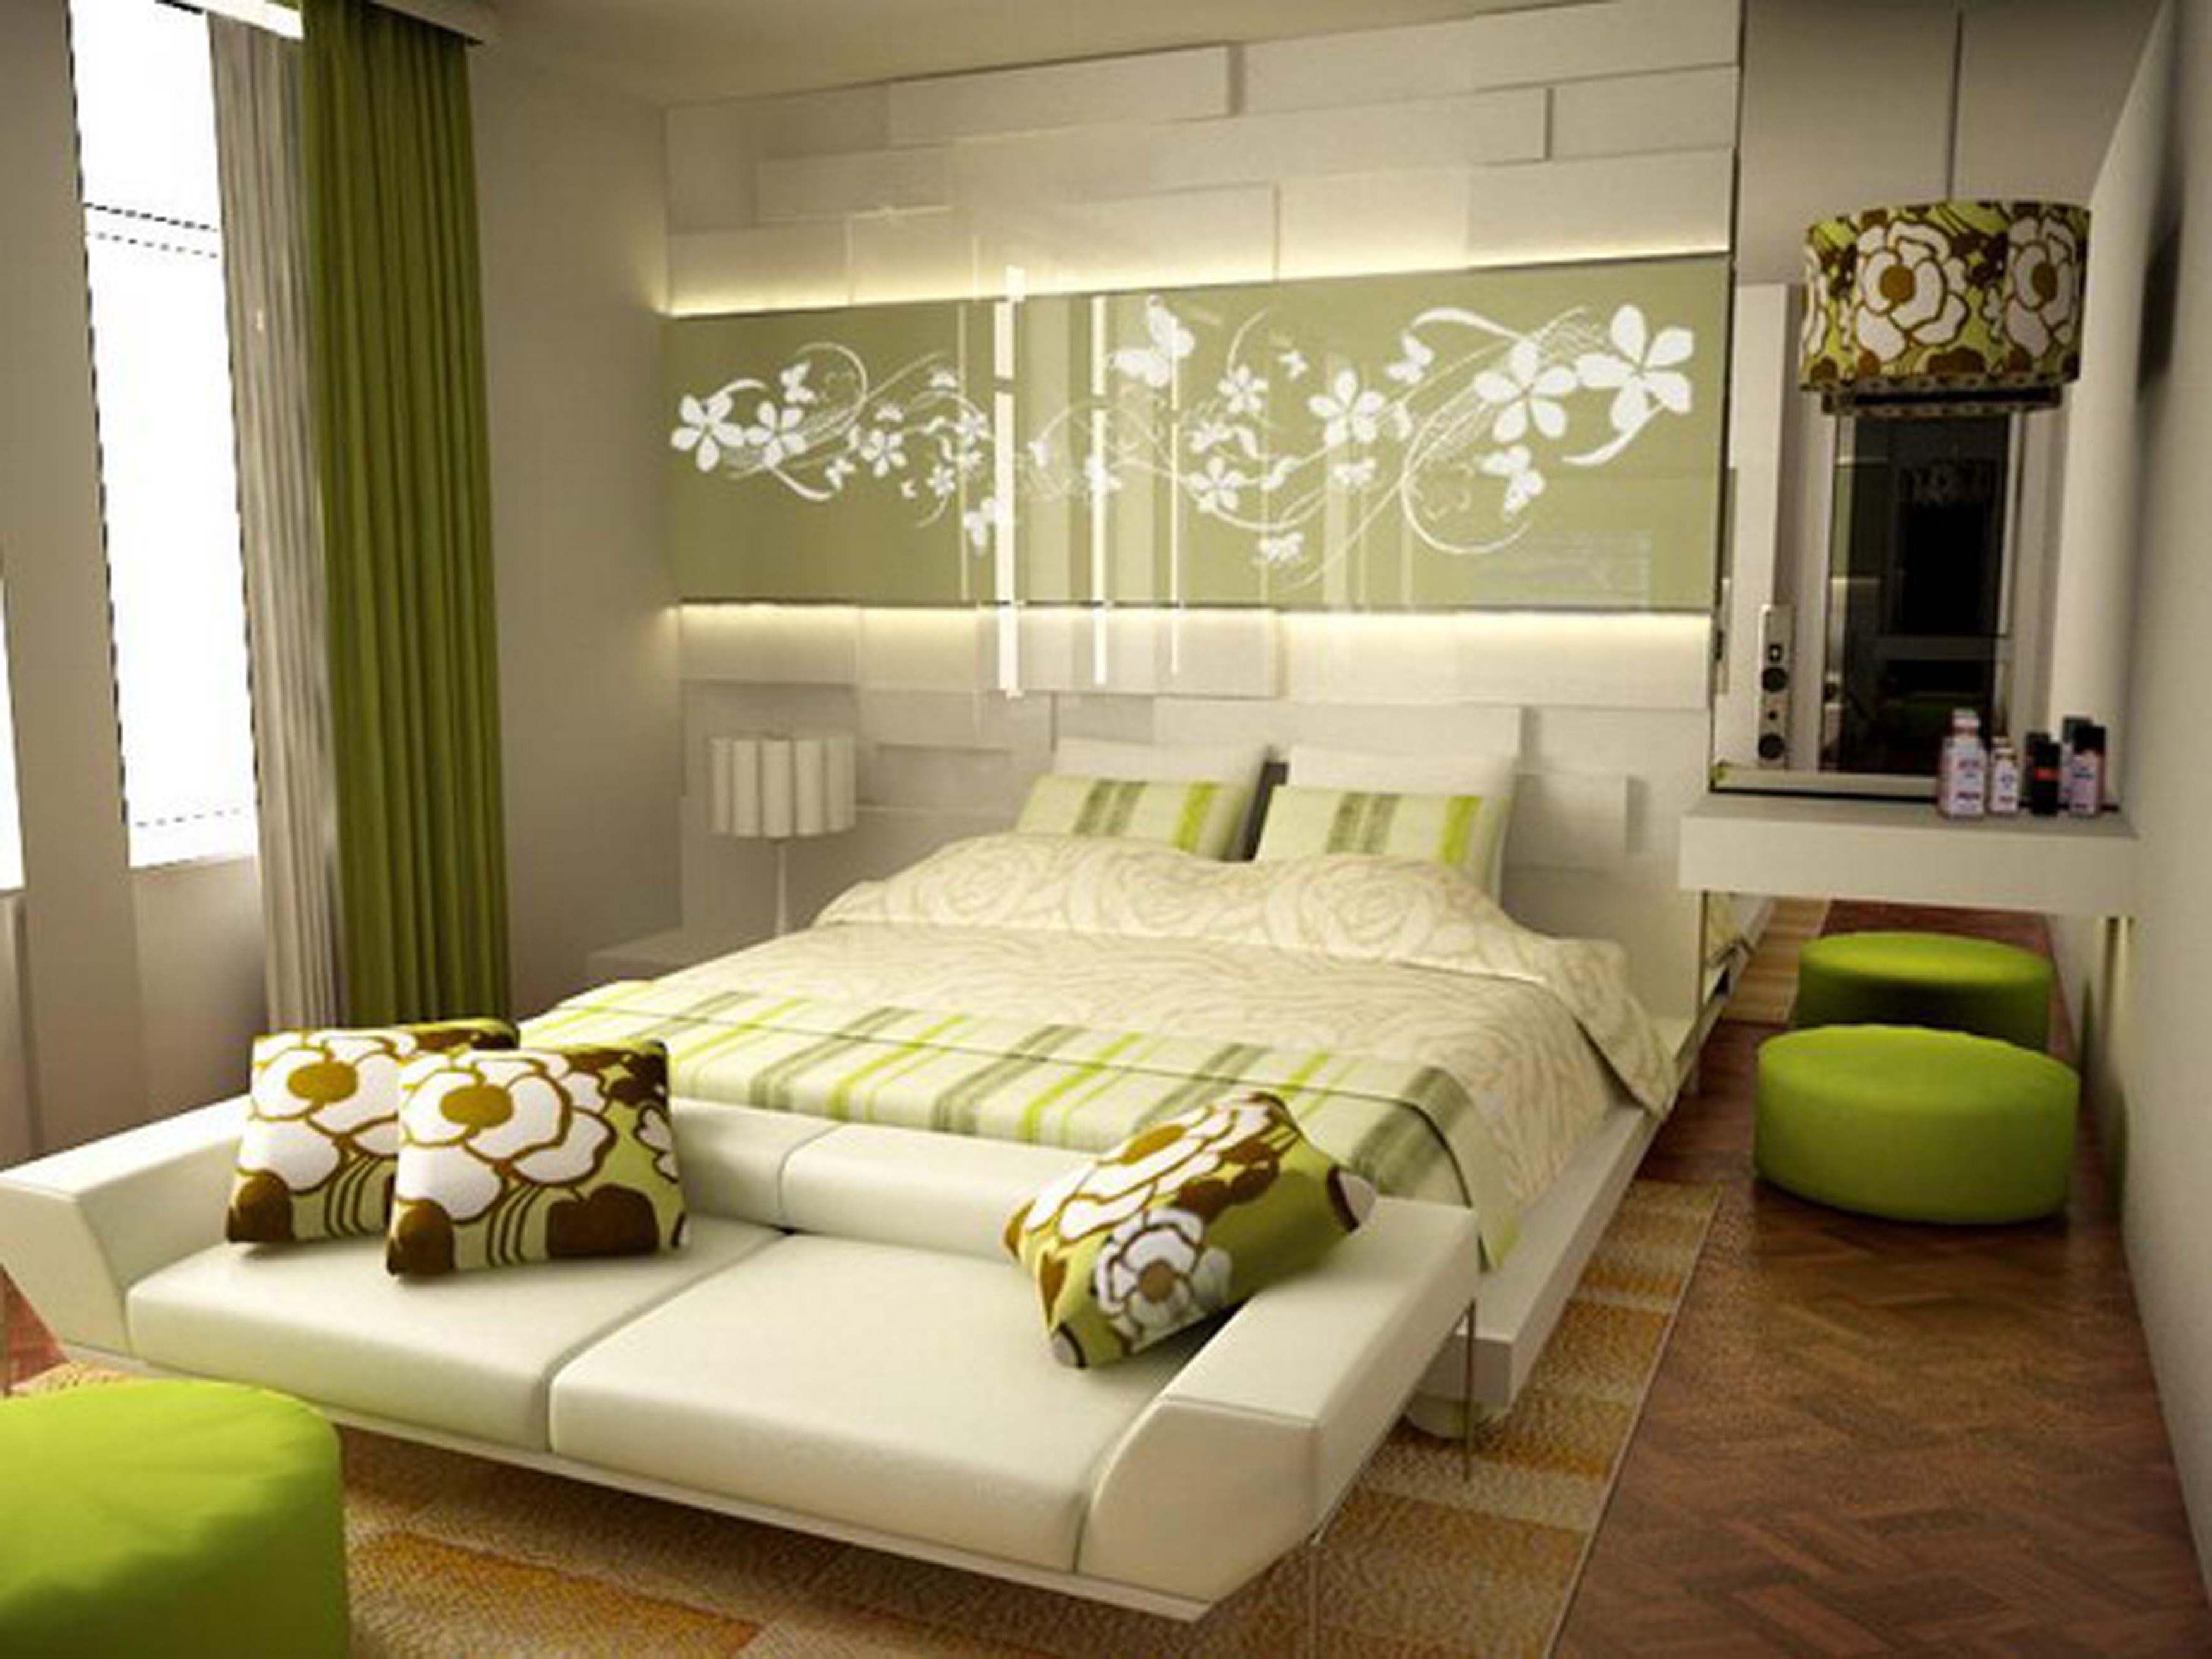 Inspiration | Bedroom | Pinterest | Green bedrooms and Bedrooms